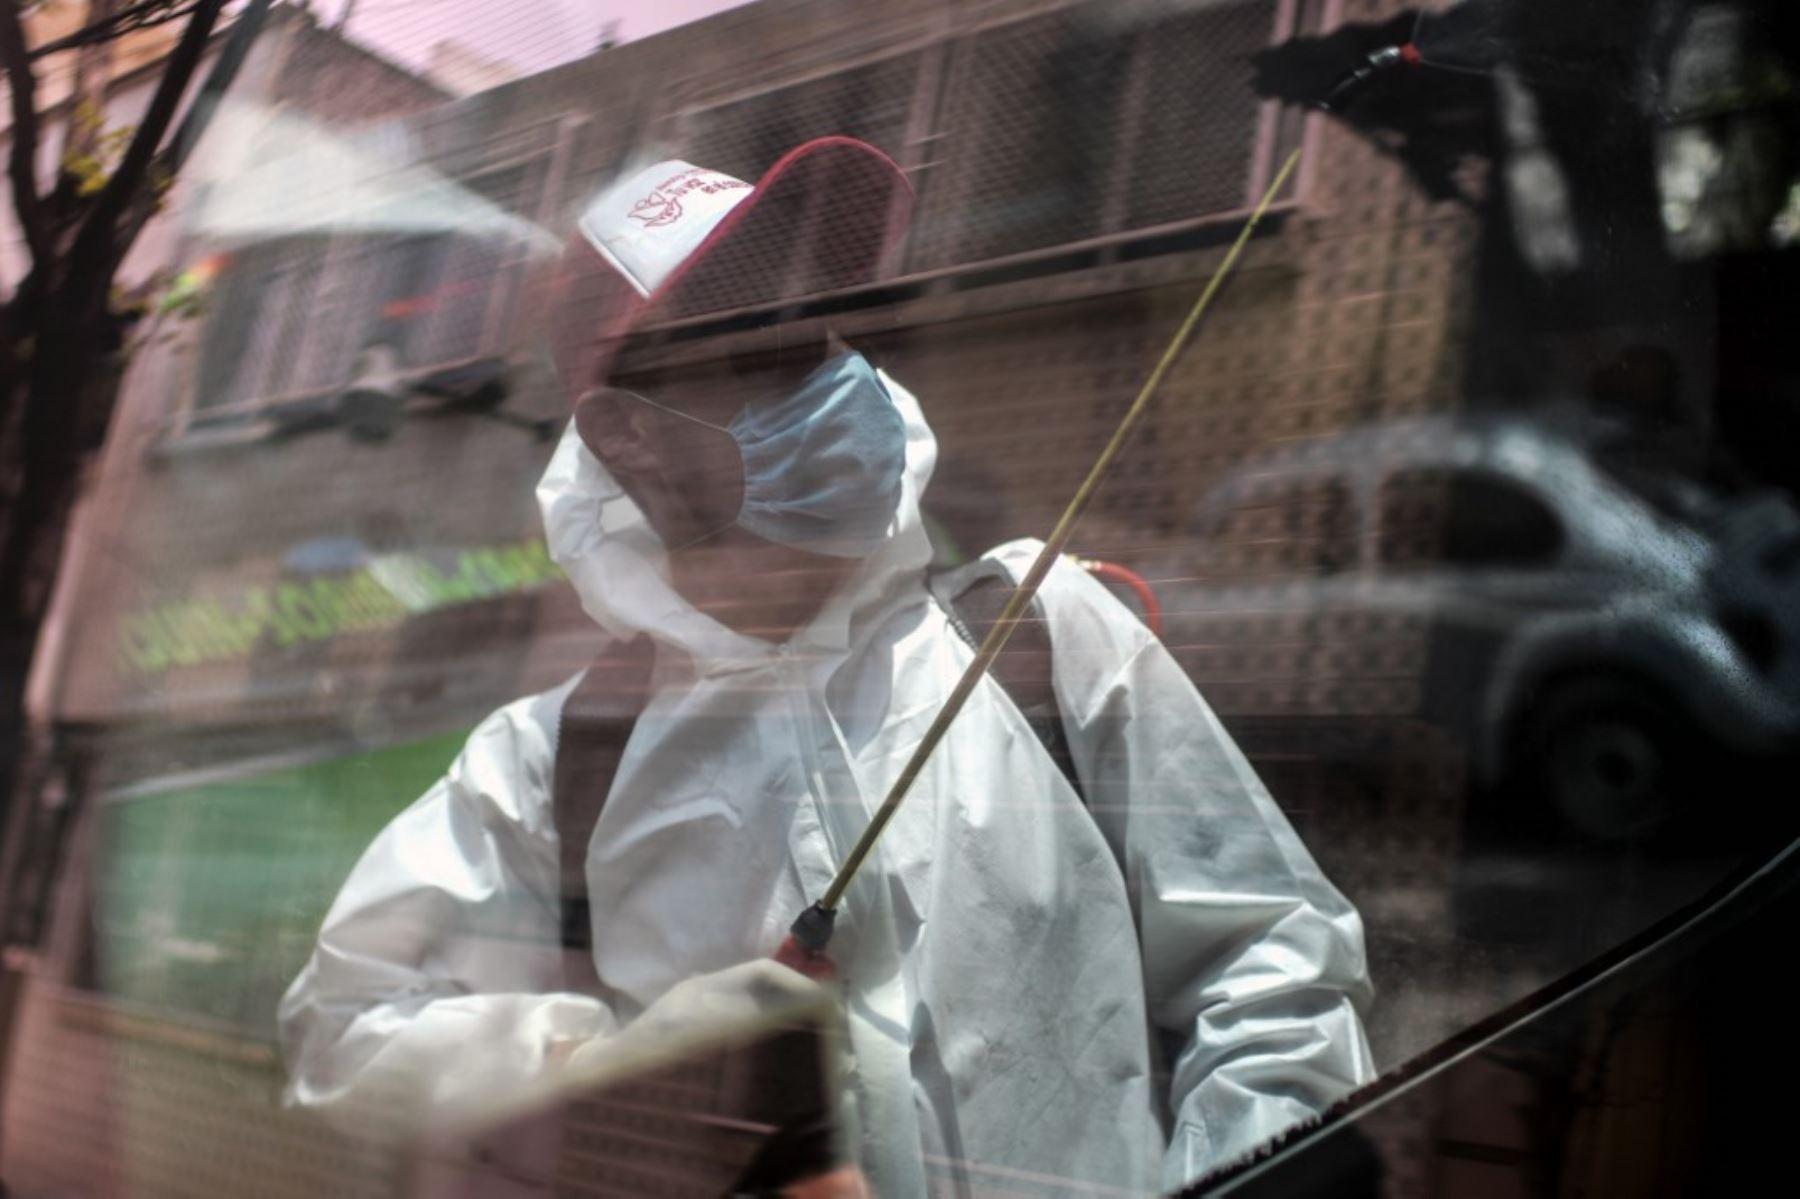 Un trabajador de limpieza con equipo de protección personal se refleja en una ventana mientras desinfecta una camioneta de transporte público en la Ciudad de México. Foto: AFP